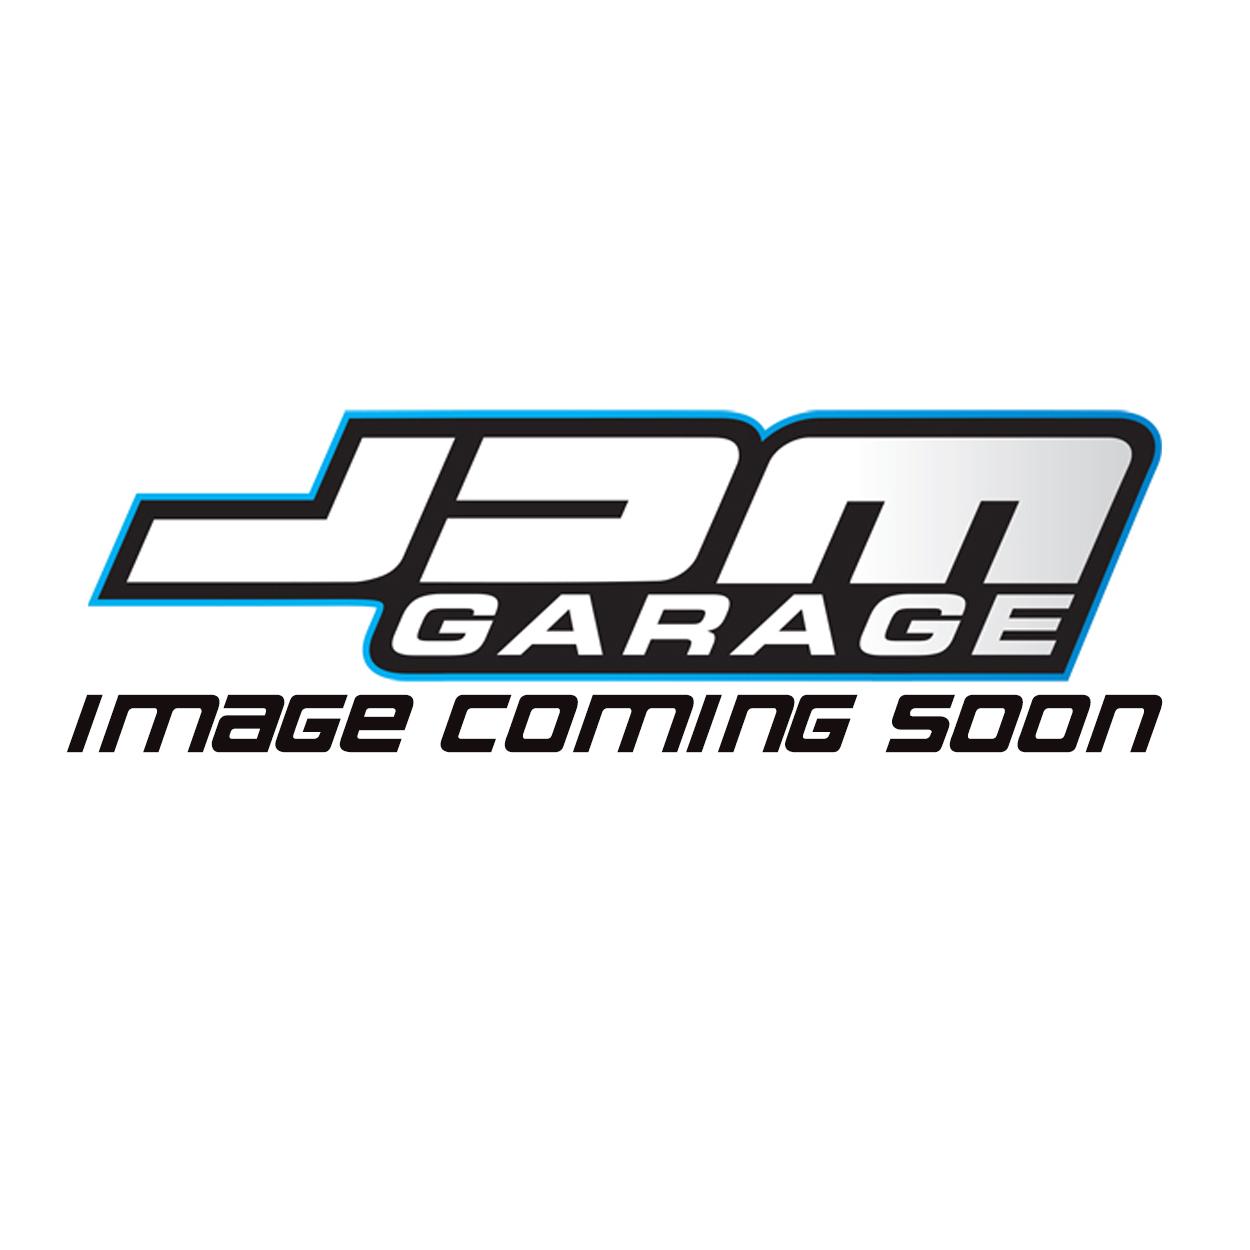 Turbosmart Dual Stage Boost Controller V2 - Blue & Black